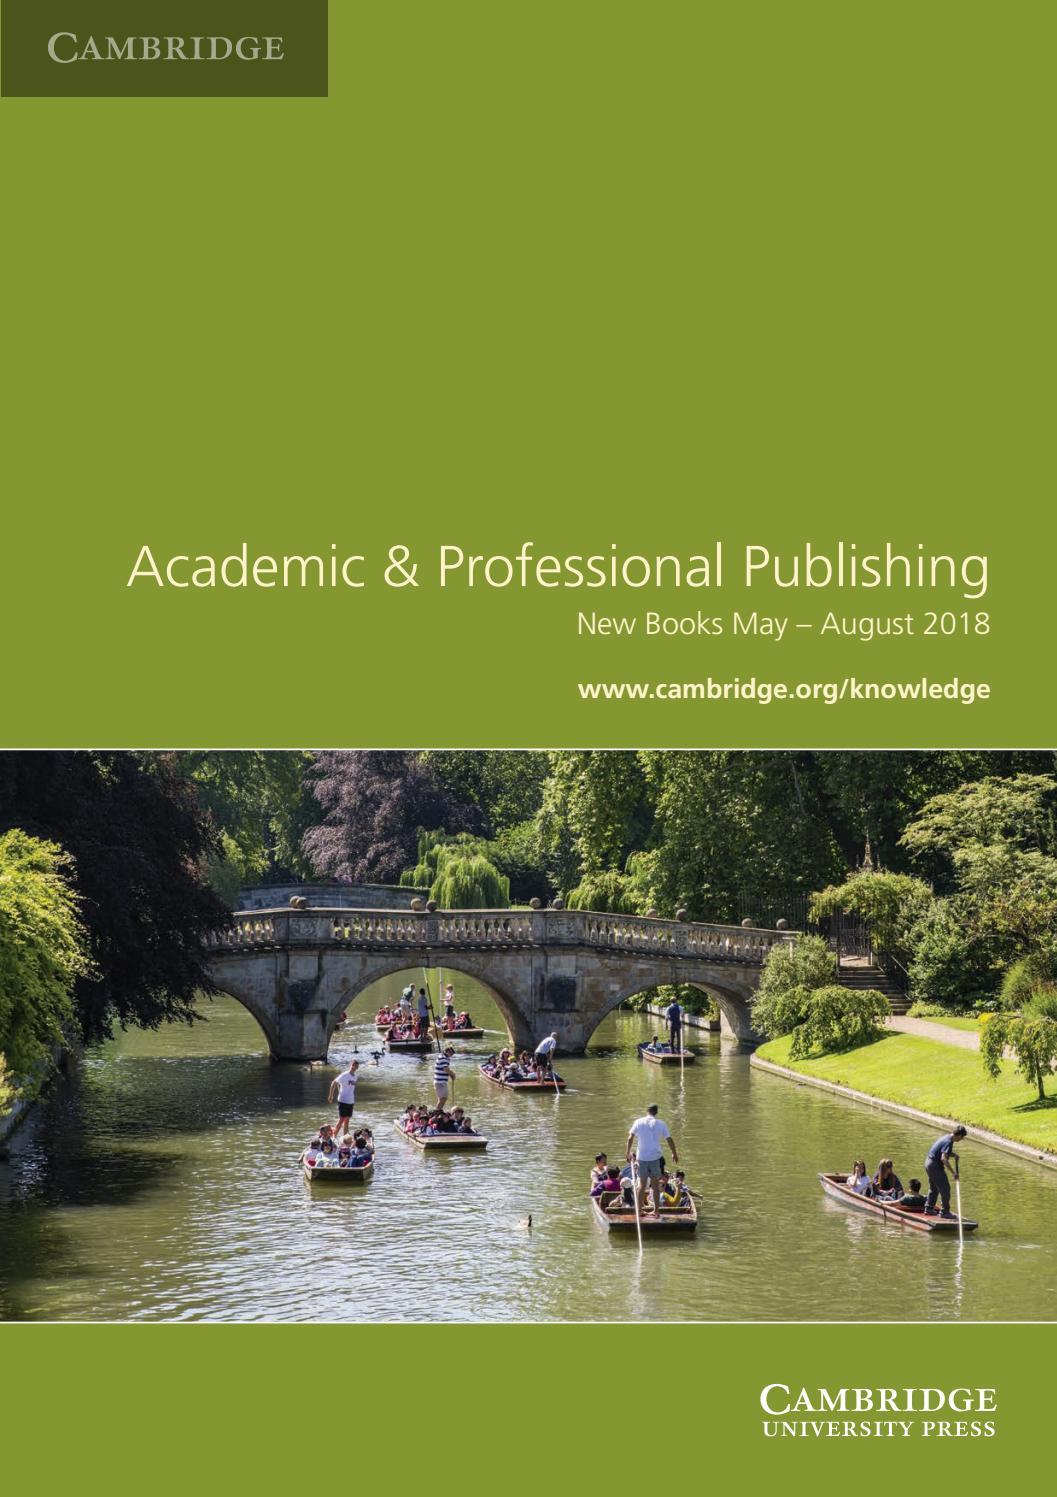 Academic & Professional Publishing by Cambridge University